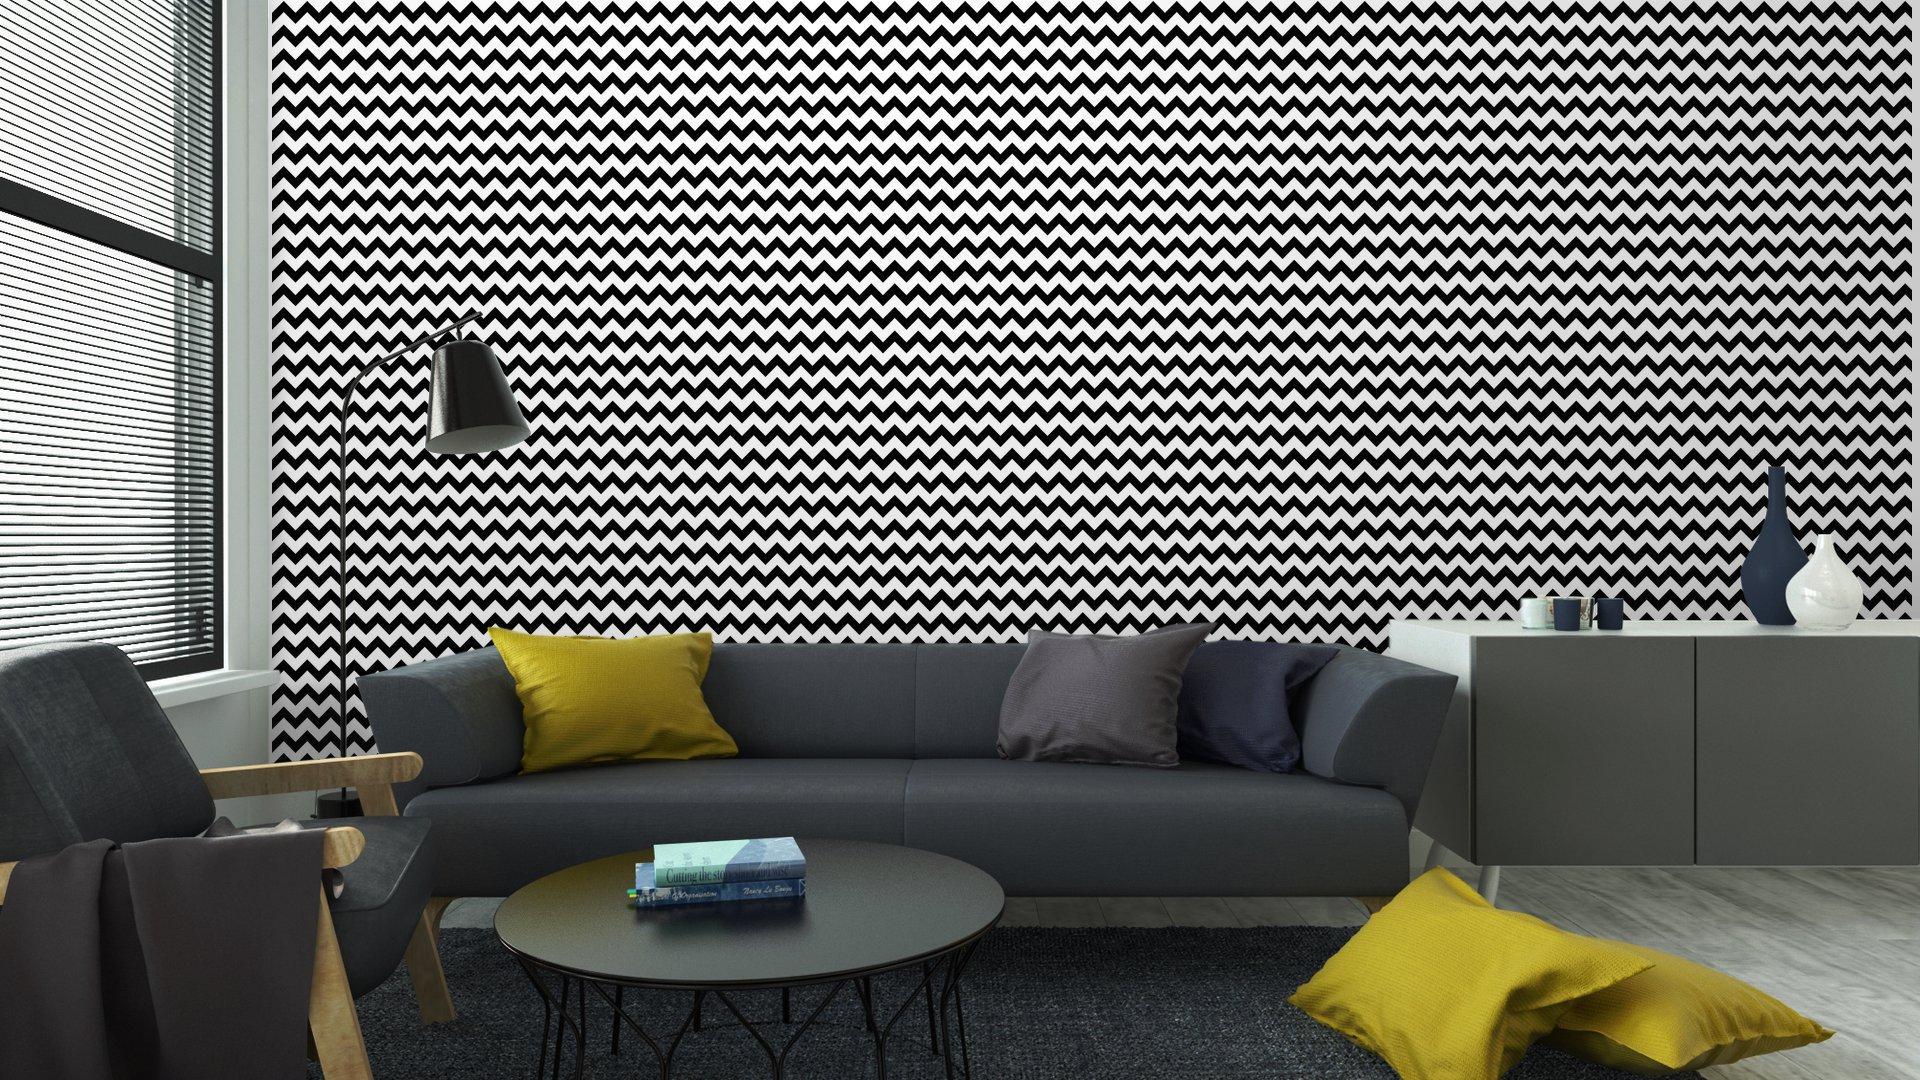 Fotomurales mexico papeles pintados resumen sin patron geometrico zigzag vector 6 - Papel Tapiz Patrón Zigzag Blanco y Negro